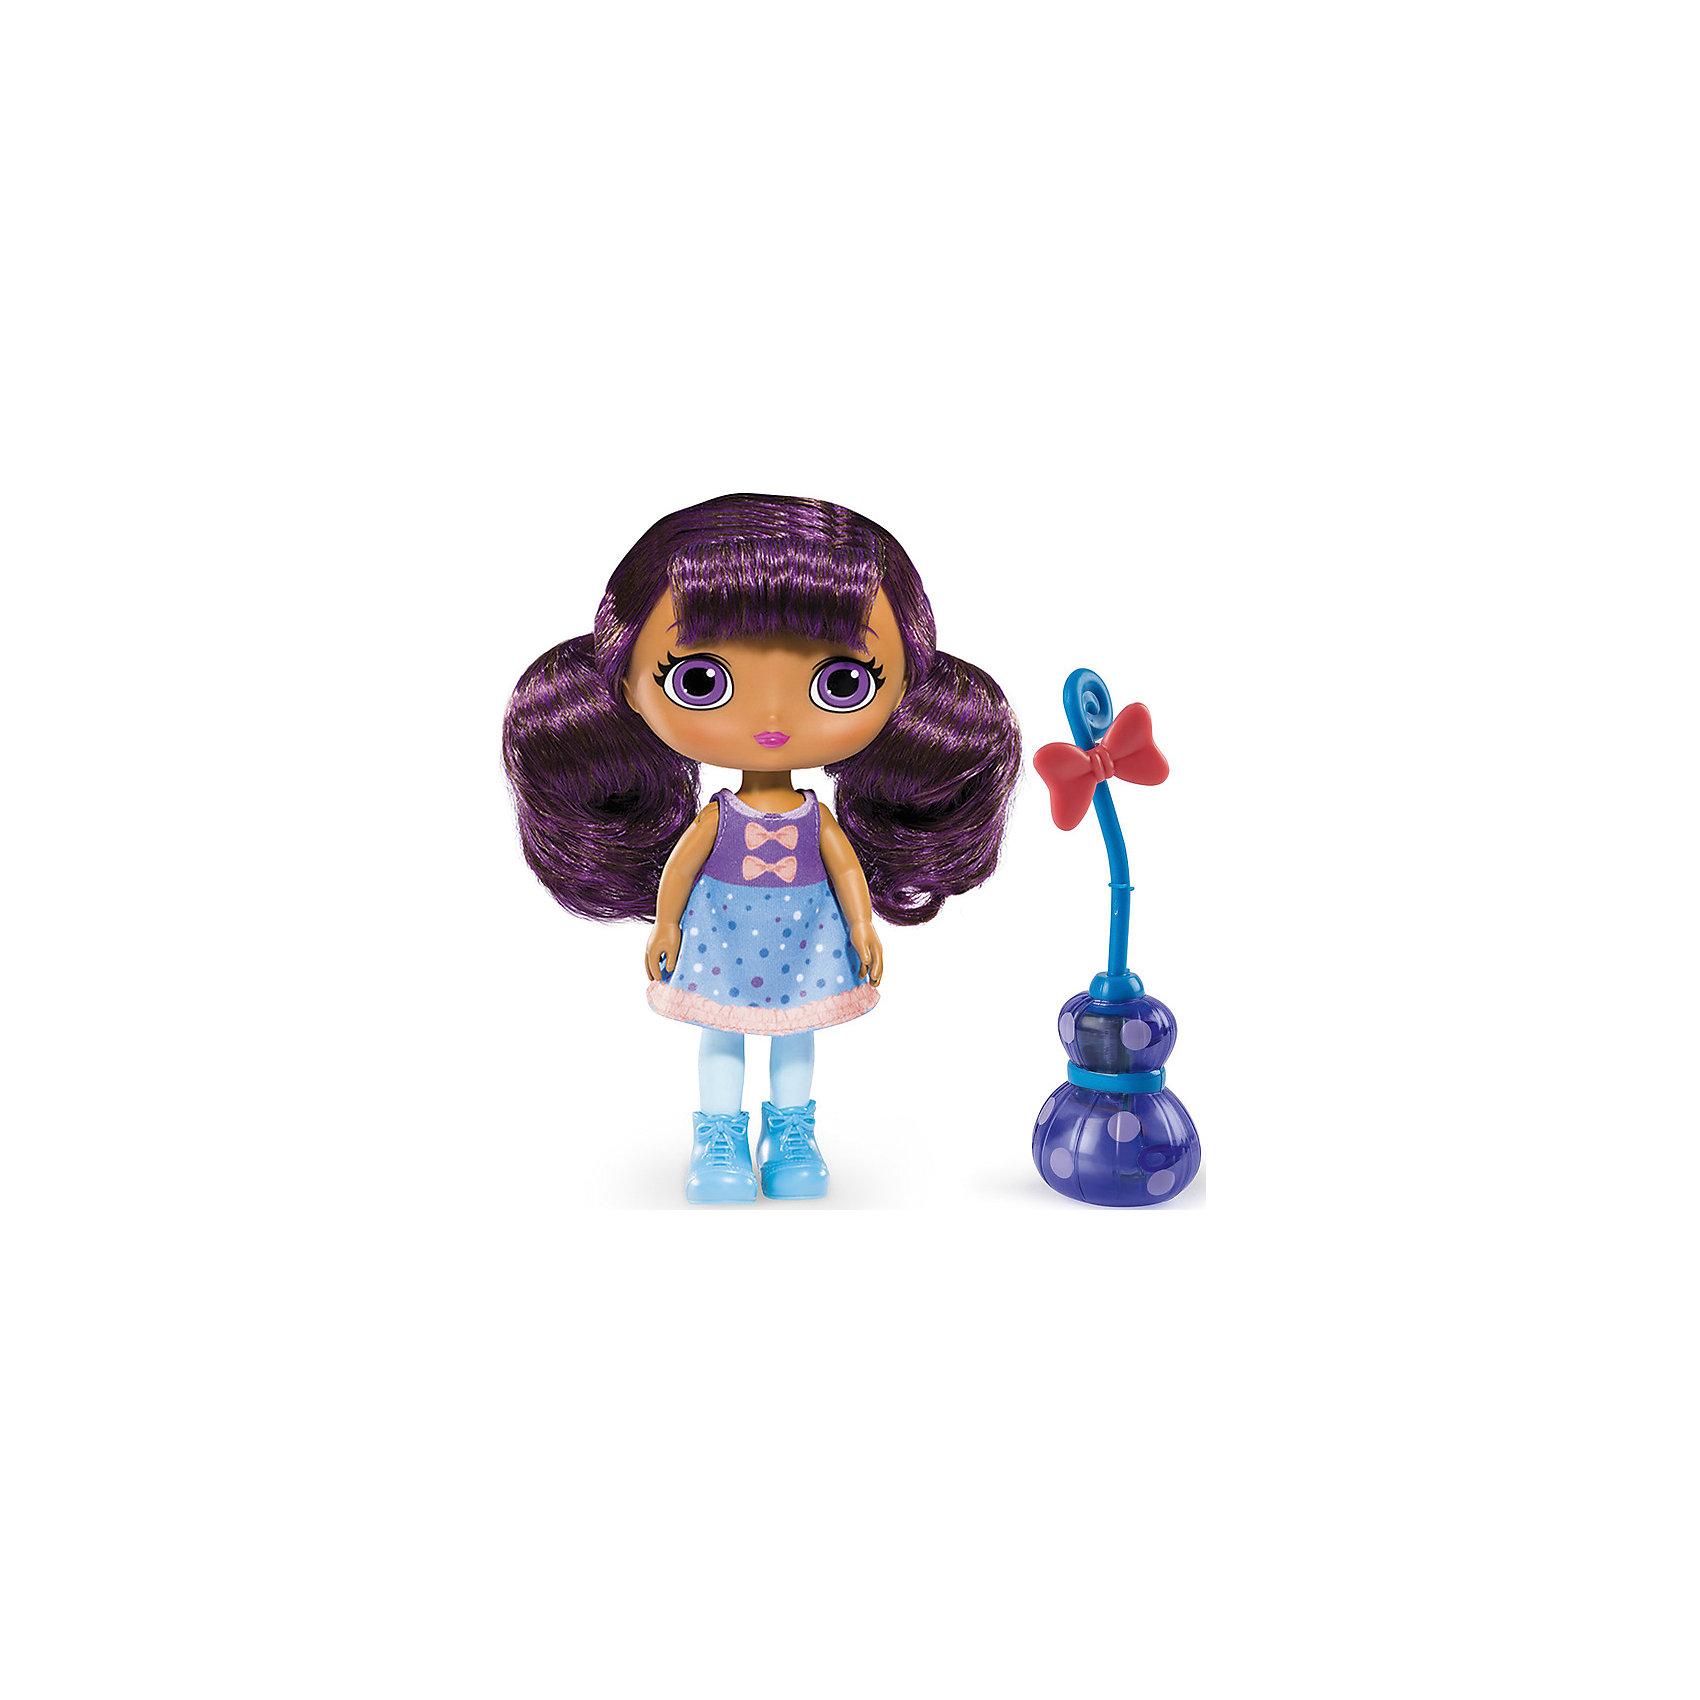 Кукла со светом и звуком Лавендер, 20 см, Маленькие волшебницы, Spin MasterИнтерактивные куклы<br>Кукла со светом и звуком Лавендер, 20 см, Маленькие волшебницы, Spin Master<br><br>Характеристики куклы Little Charmers:<br><br>• световые эффекты: если усадить куклу на метлу и наклонить, метла начнет светиться;<br>• звуковые эффекты: свистящий звук полета во время движения;<br>• высота куклы: 20 см;<br>• материал: пластик, текстиль;<br>• батарейки включены в комплект;<br>• размер упаковки: 25х28х8 см;<br>• вес упаковки: 250 г.<br><br>Маленькие волшебницы Little Charmers очень дружны между собой. Мастерица магических зелий Лавендер - яркая и терпеливая героиня. Волосы баклажанового цвета нейлоновые, их можно расчесывать. Руки и ноги поднимаются и опускаются, голова поворачивается. Кукла Лавендер может занимать положение «сидя», когда летит на своей волшебной метле. <br><br>В процессе игры с куклами Литтл Чармерс у девочек развивается фантазия, появляется возможность обыграть сцены из мультфильма. <br><br>Куклу со светом и звуком Лавендер, 20 см, Маленькие волшебницы, Spin Master можно купить в нашем интернет-магазине.<br><br>Ширина мм: 255<br>Глубина мм: 75<br>Высота мм: 280<br>Вес г: 507<br>Возраст от месяцев: 36<br>Возраст до месяцев: 2147483647<br>Пол: Женский<br>Возраст: Детский<br>SKU: 5064310